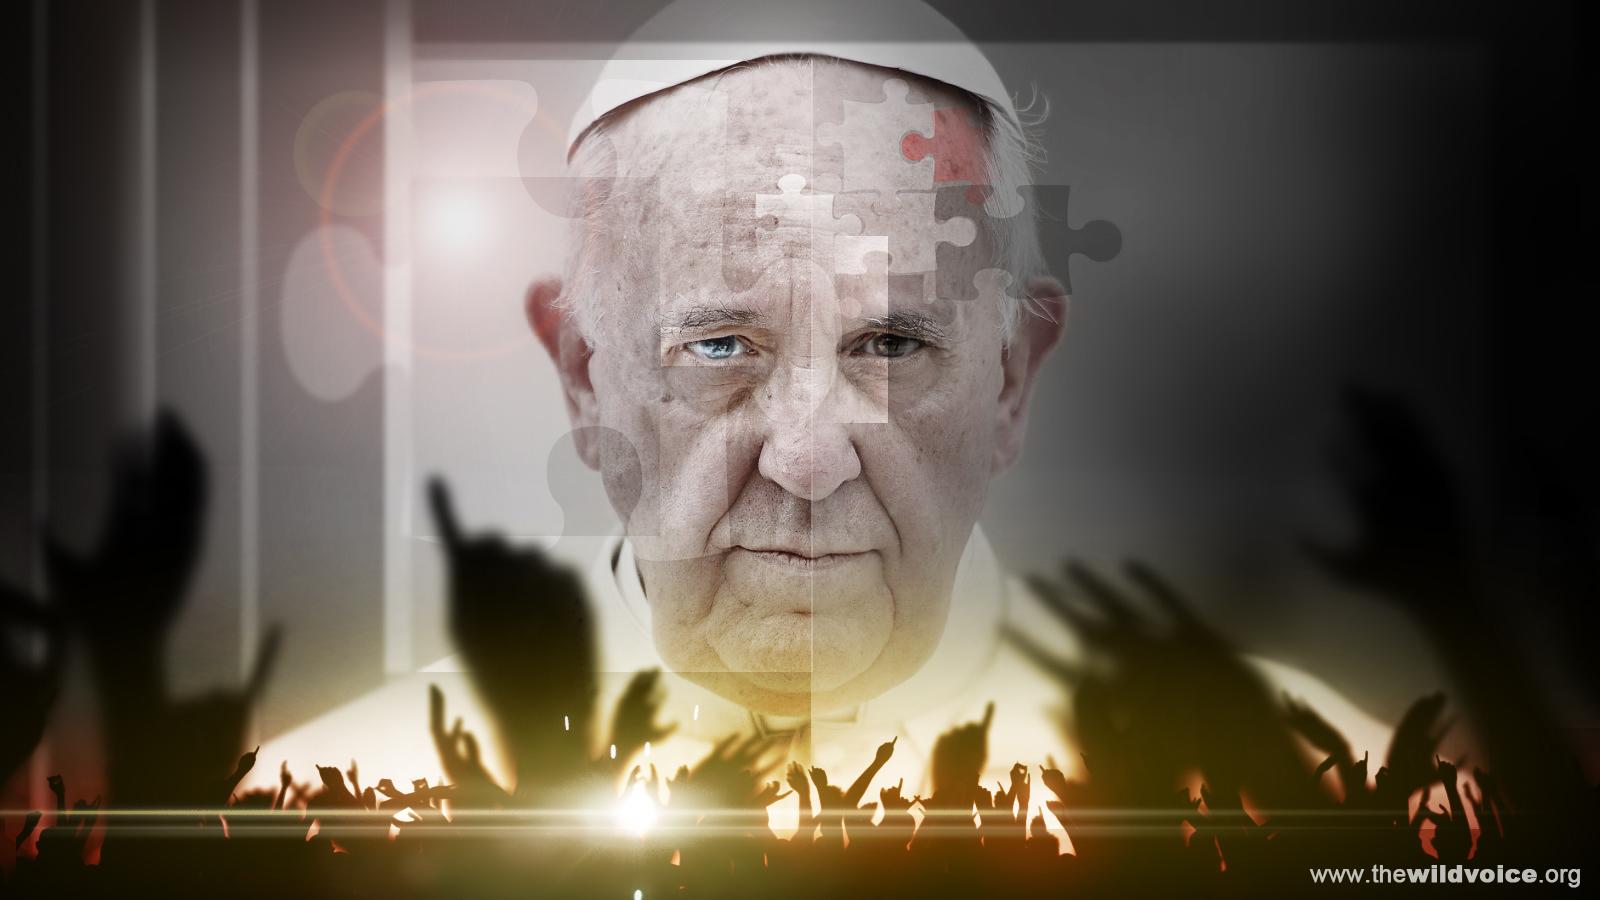 Pope Francis, False Prophet, Maria Divine Mercy, The Wild Voice, Satanic, NWO, Antichrist,